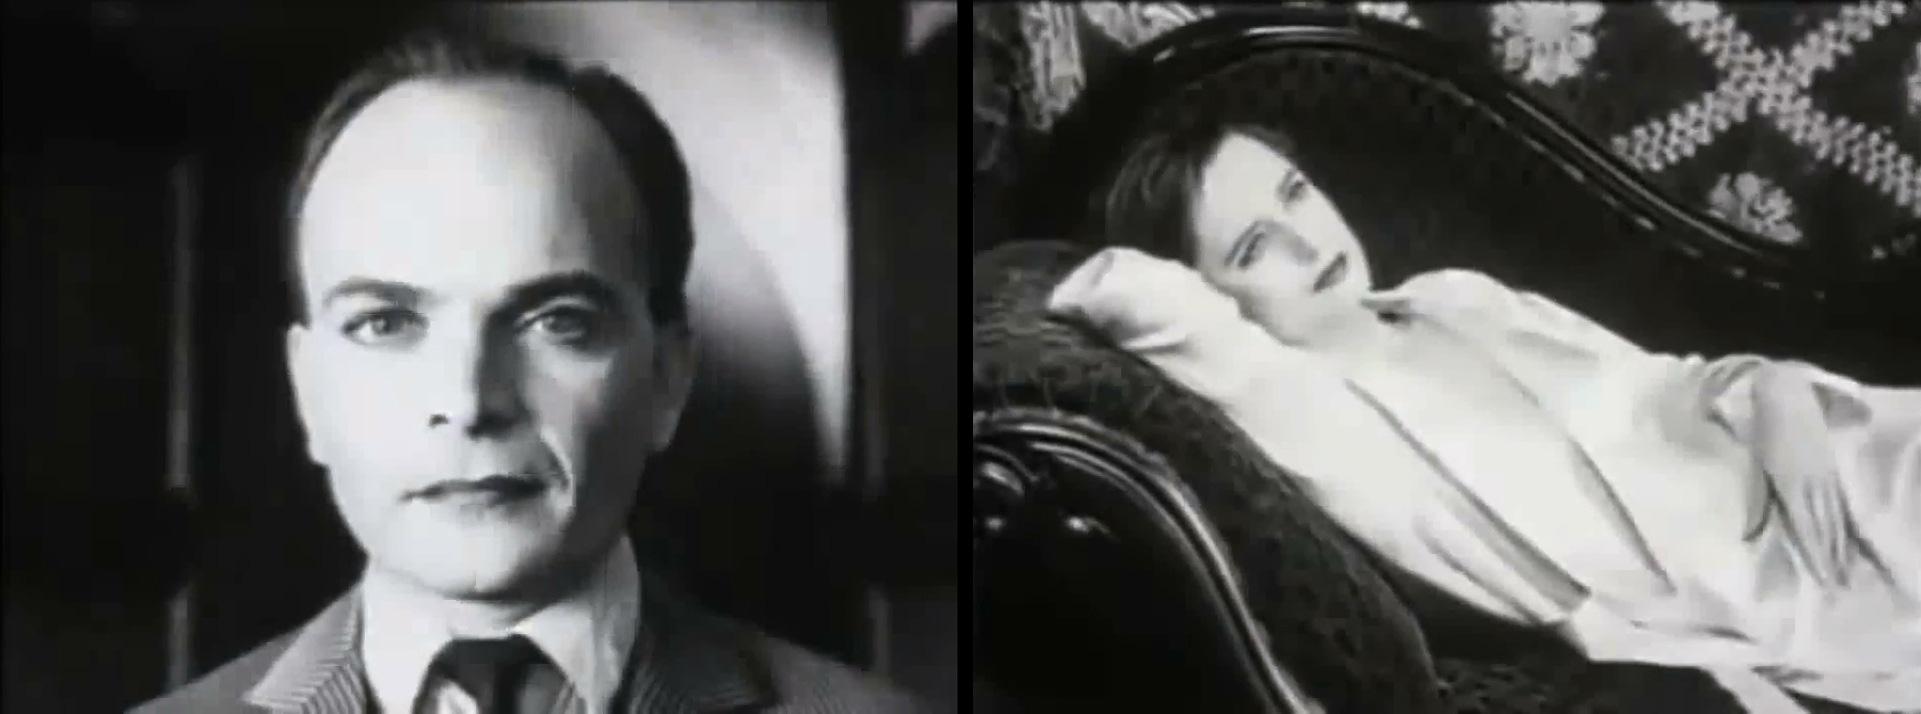 Deux images. À gauche portrait de Koulechov et à droite la femme lascive.